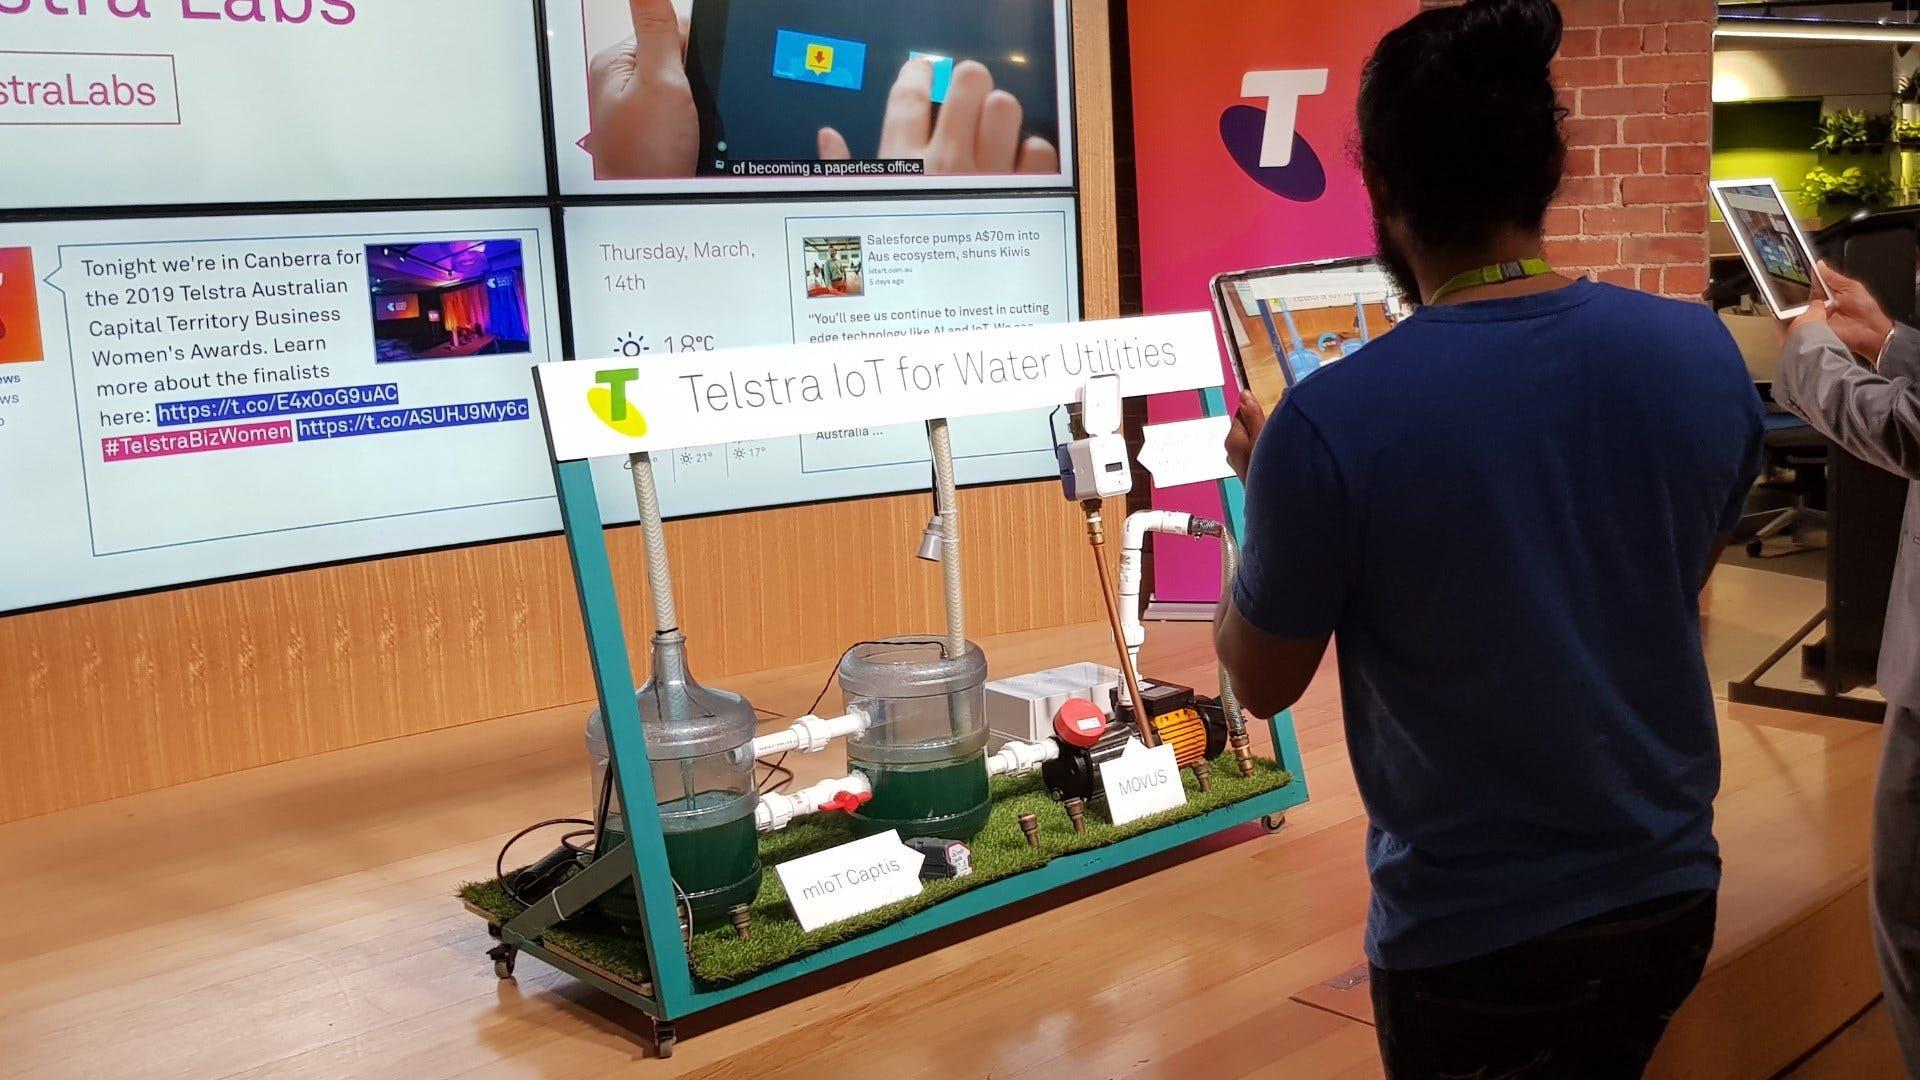 Demoing visAR at Telstra Labs